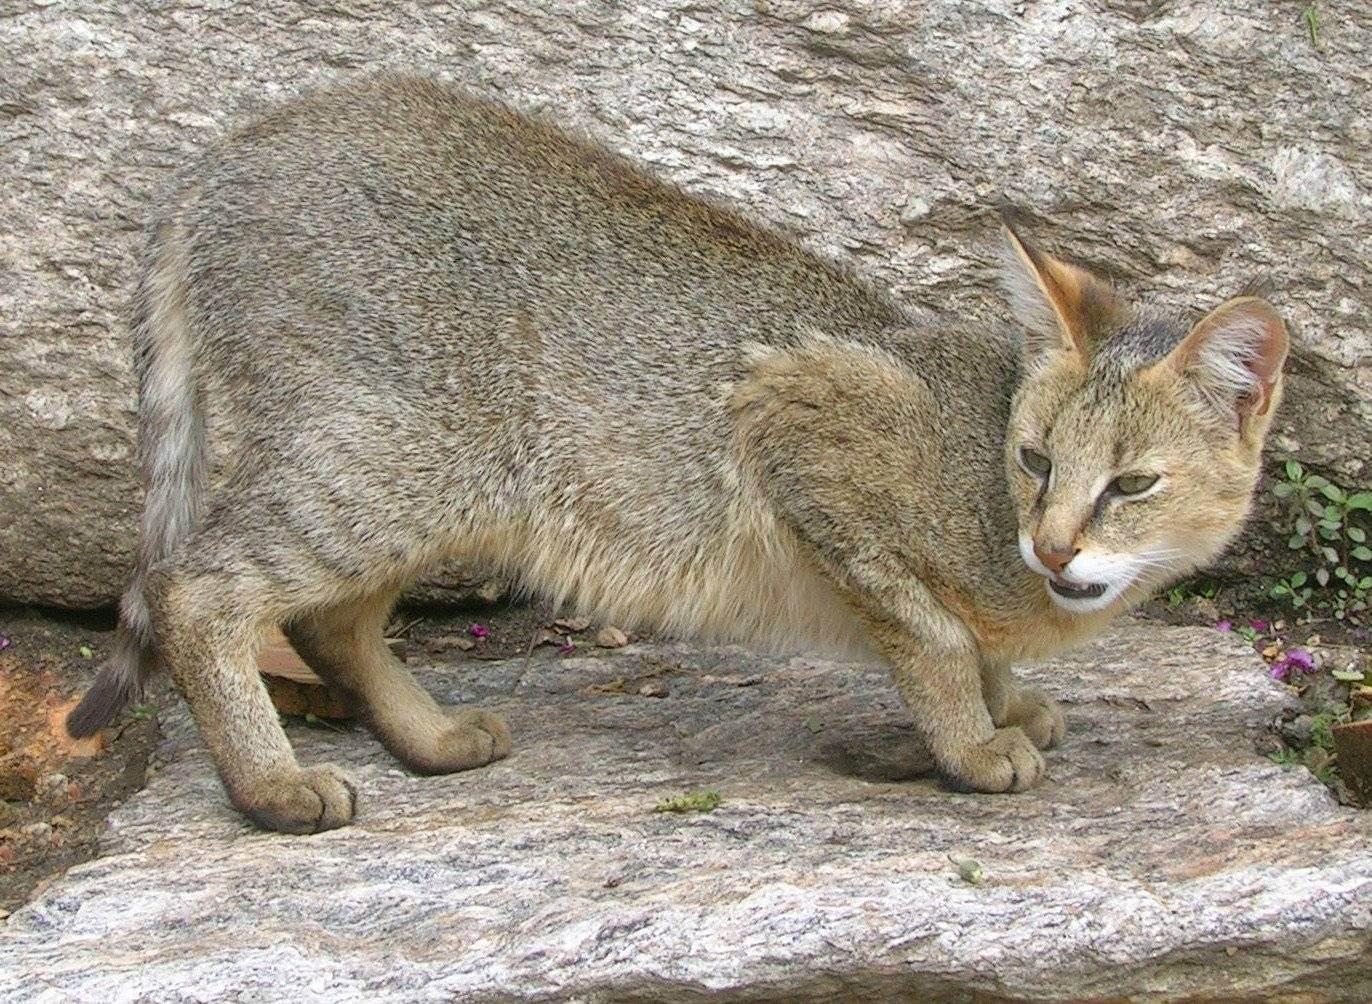 Камышовый кот - полудикий кот и особенности ухода за кошкой в домашних условиях (110 фото)